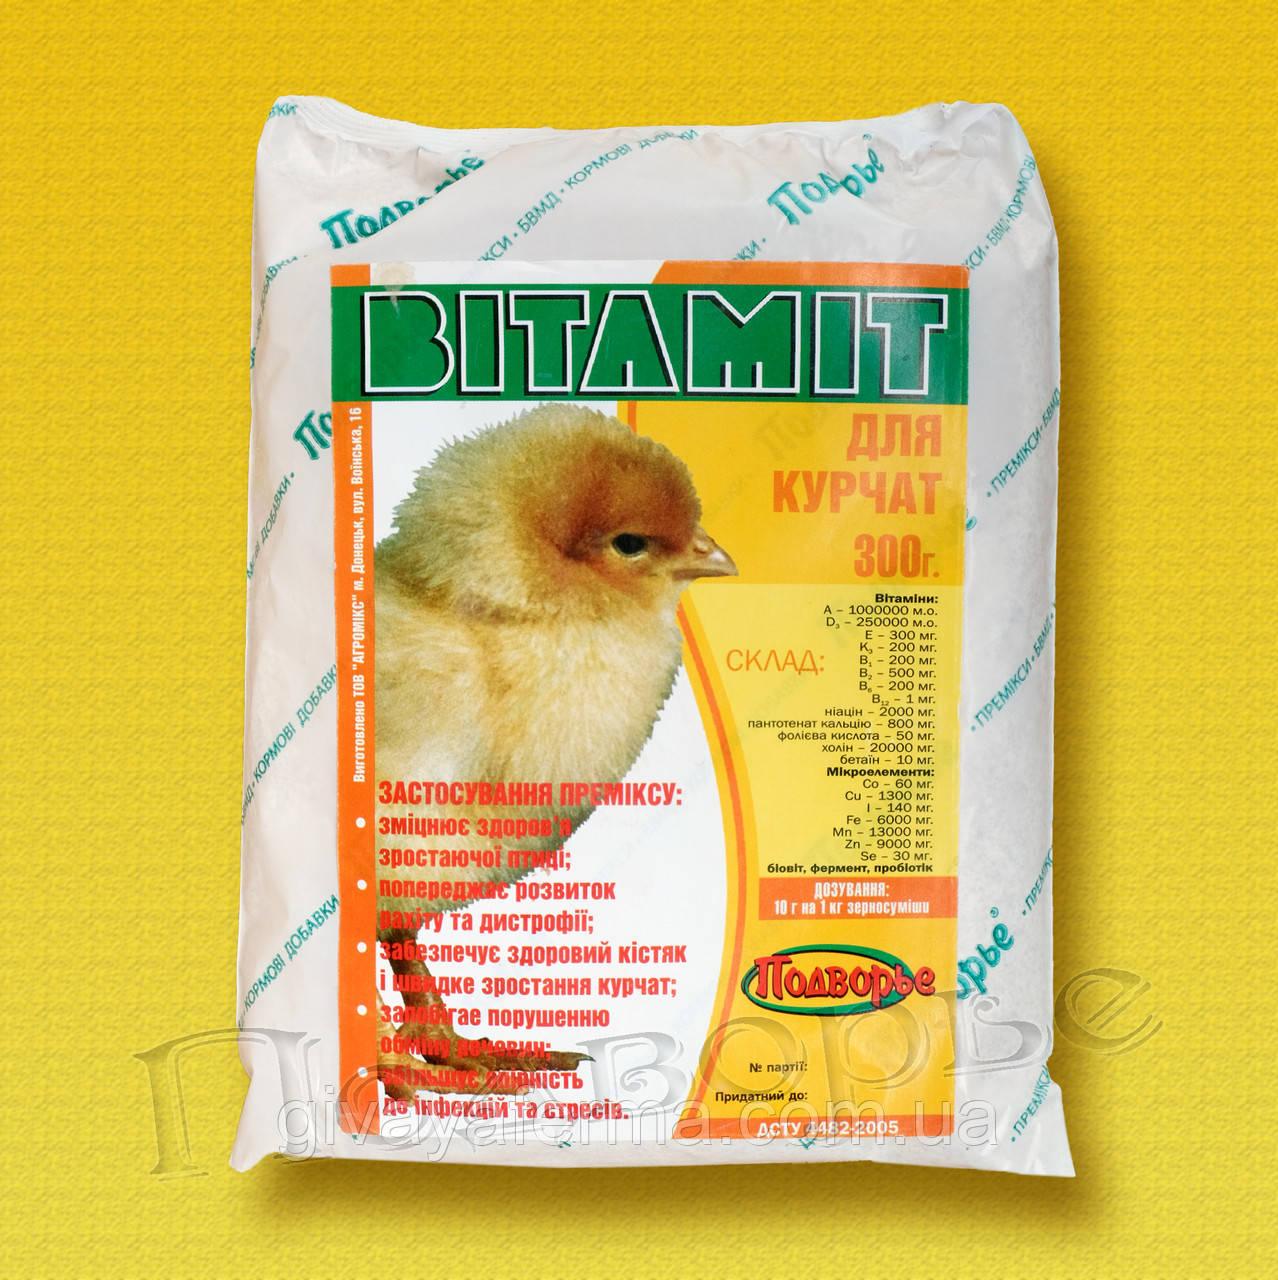 Премикс Витамит - цыпленок 1%, 25 кг, витаминно-минеральная кормовая добавка